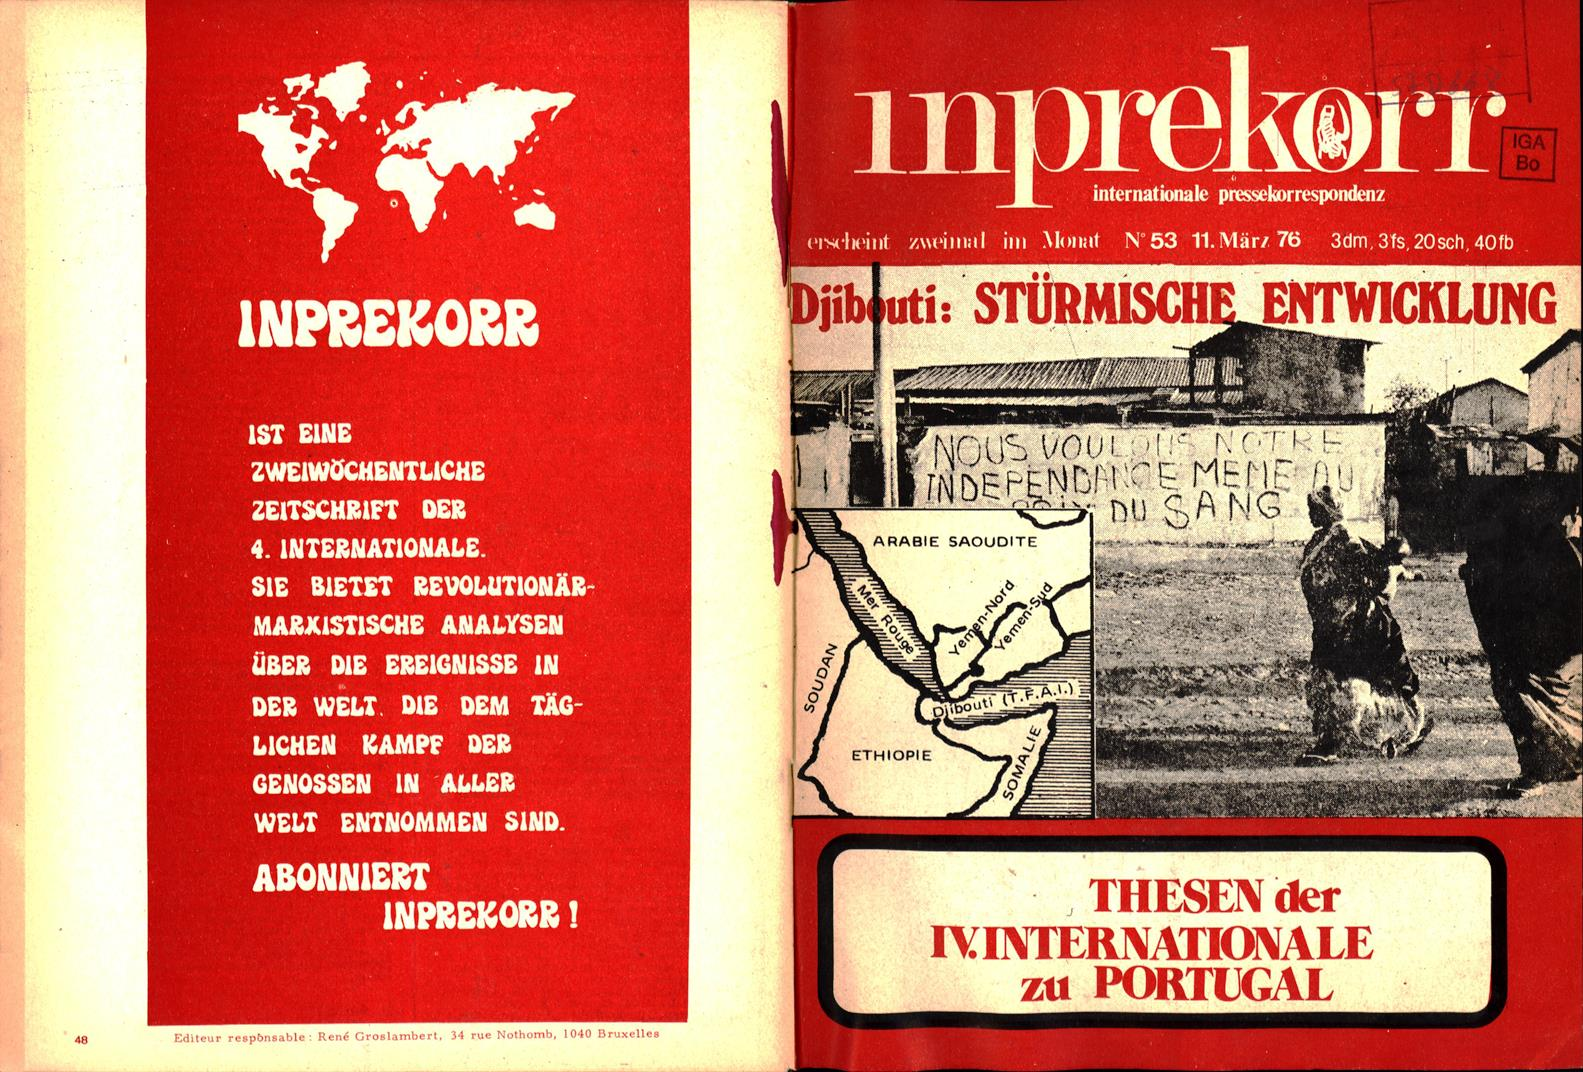 Inprekorr_19760311_053_001